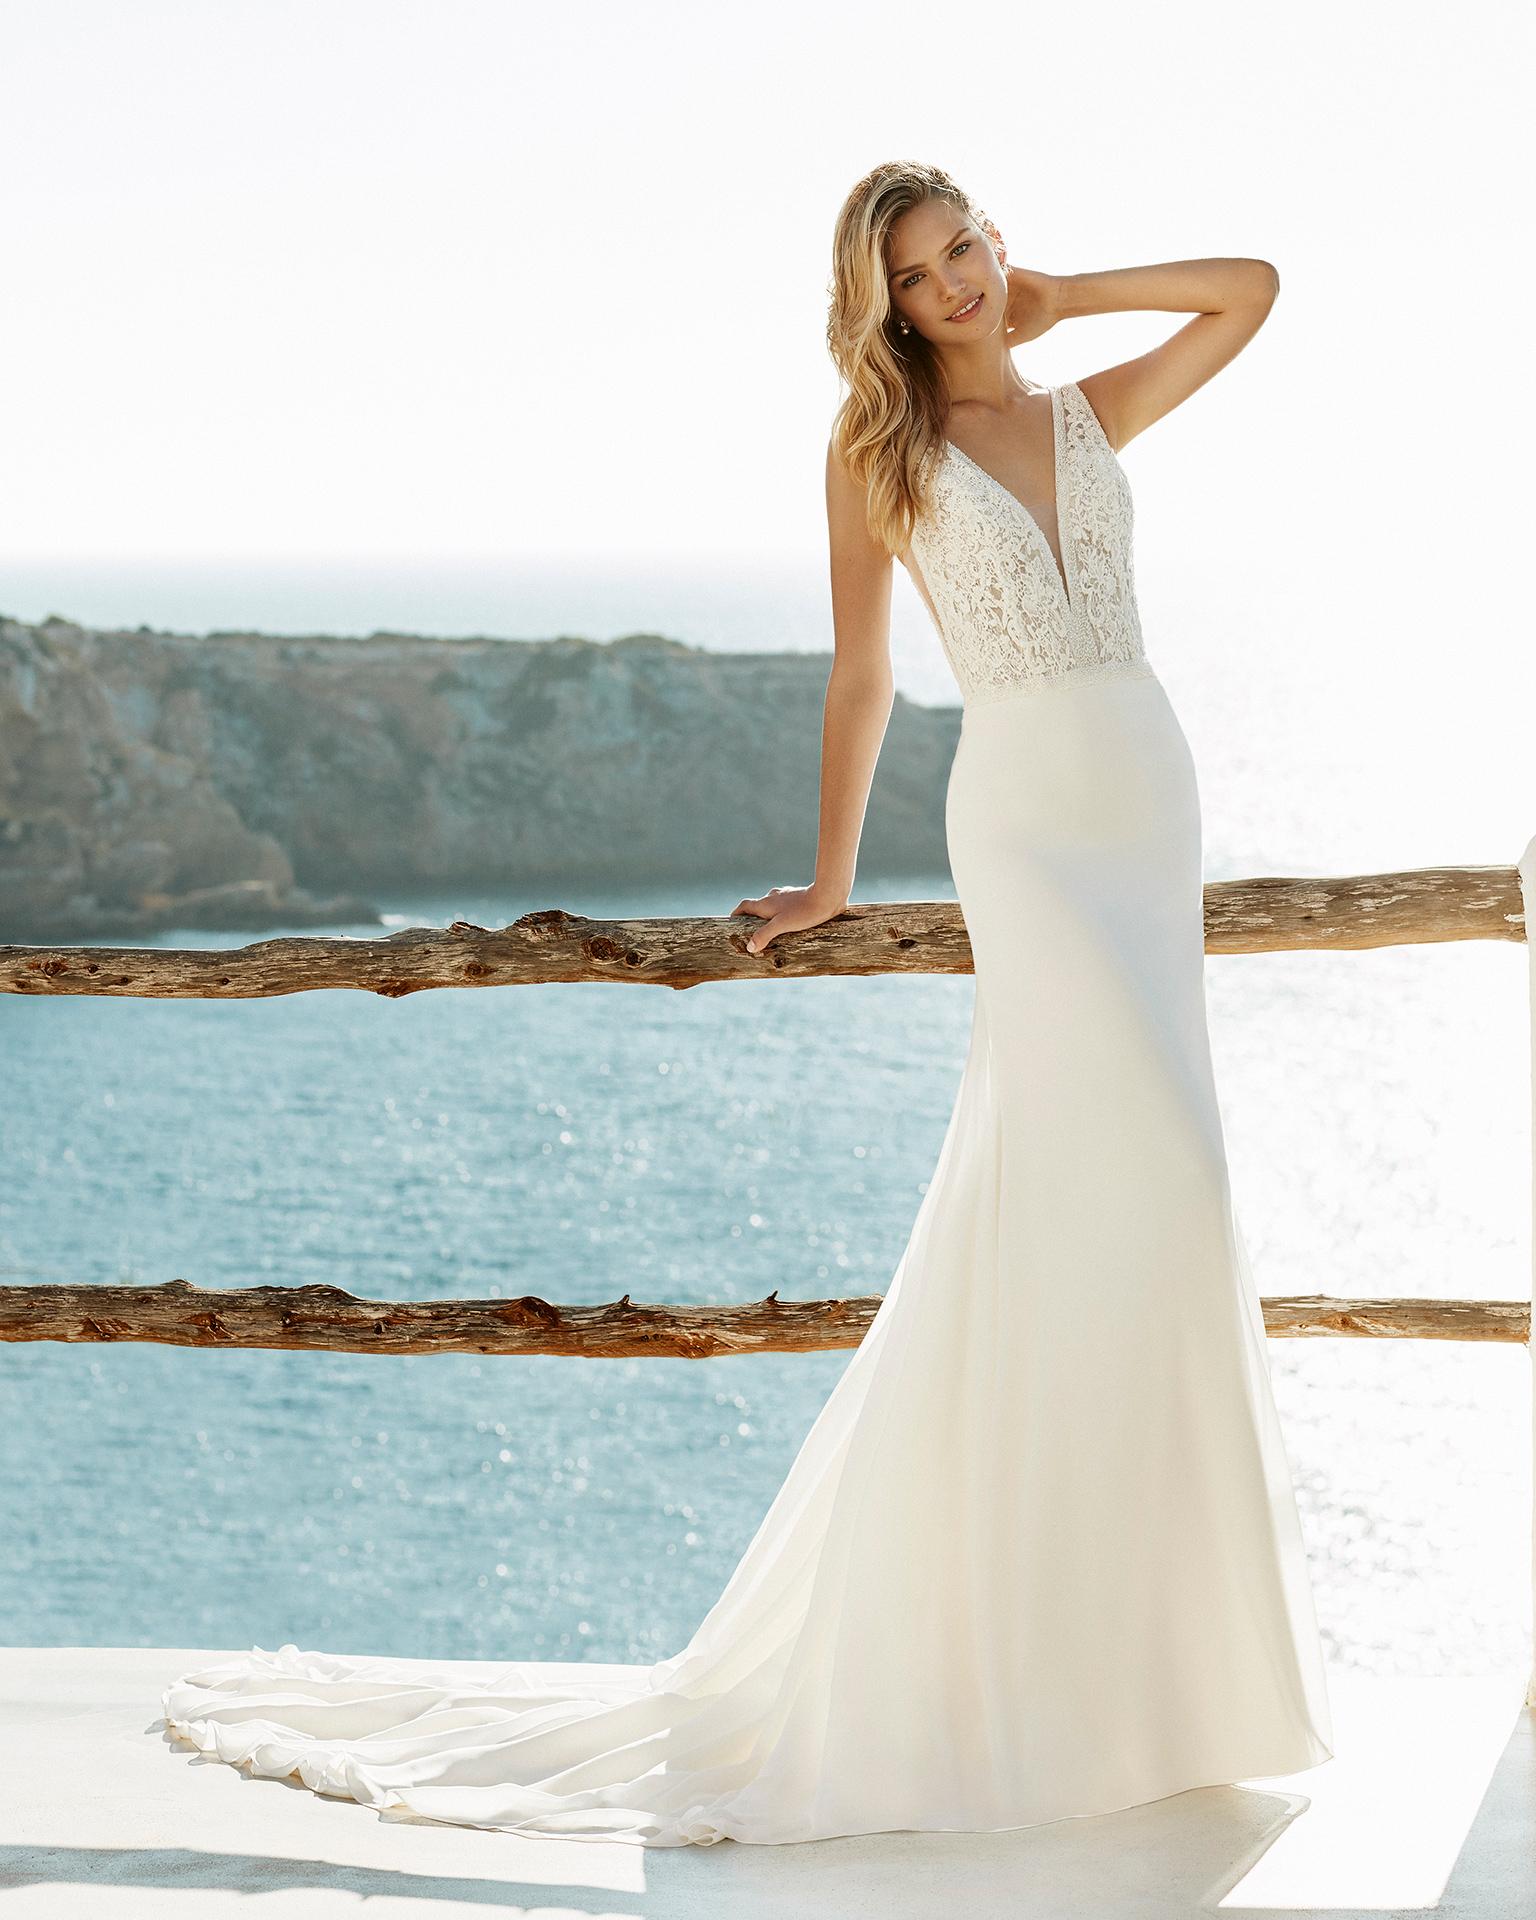 7e2aa385 ... brudekjole i lette og luftige materialer som er idéel til et  udendørsbryllup, strandbryllup eller havebryllup. Kjolerne ligger typisk i  prisniveauet kr.